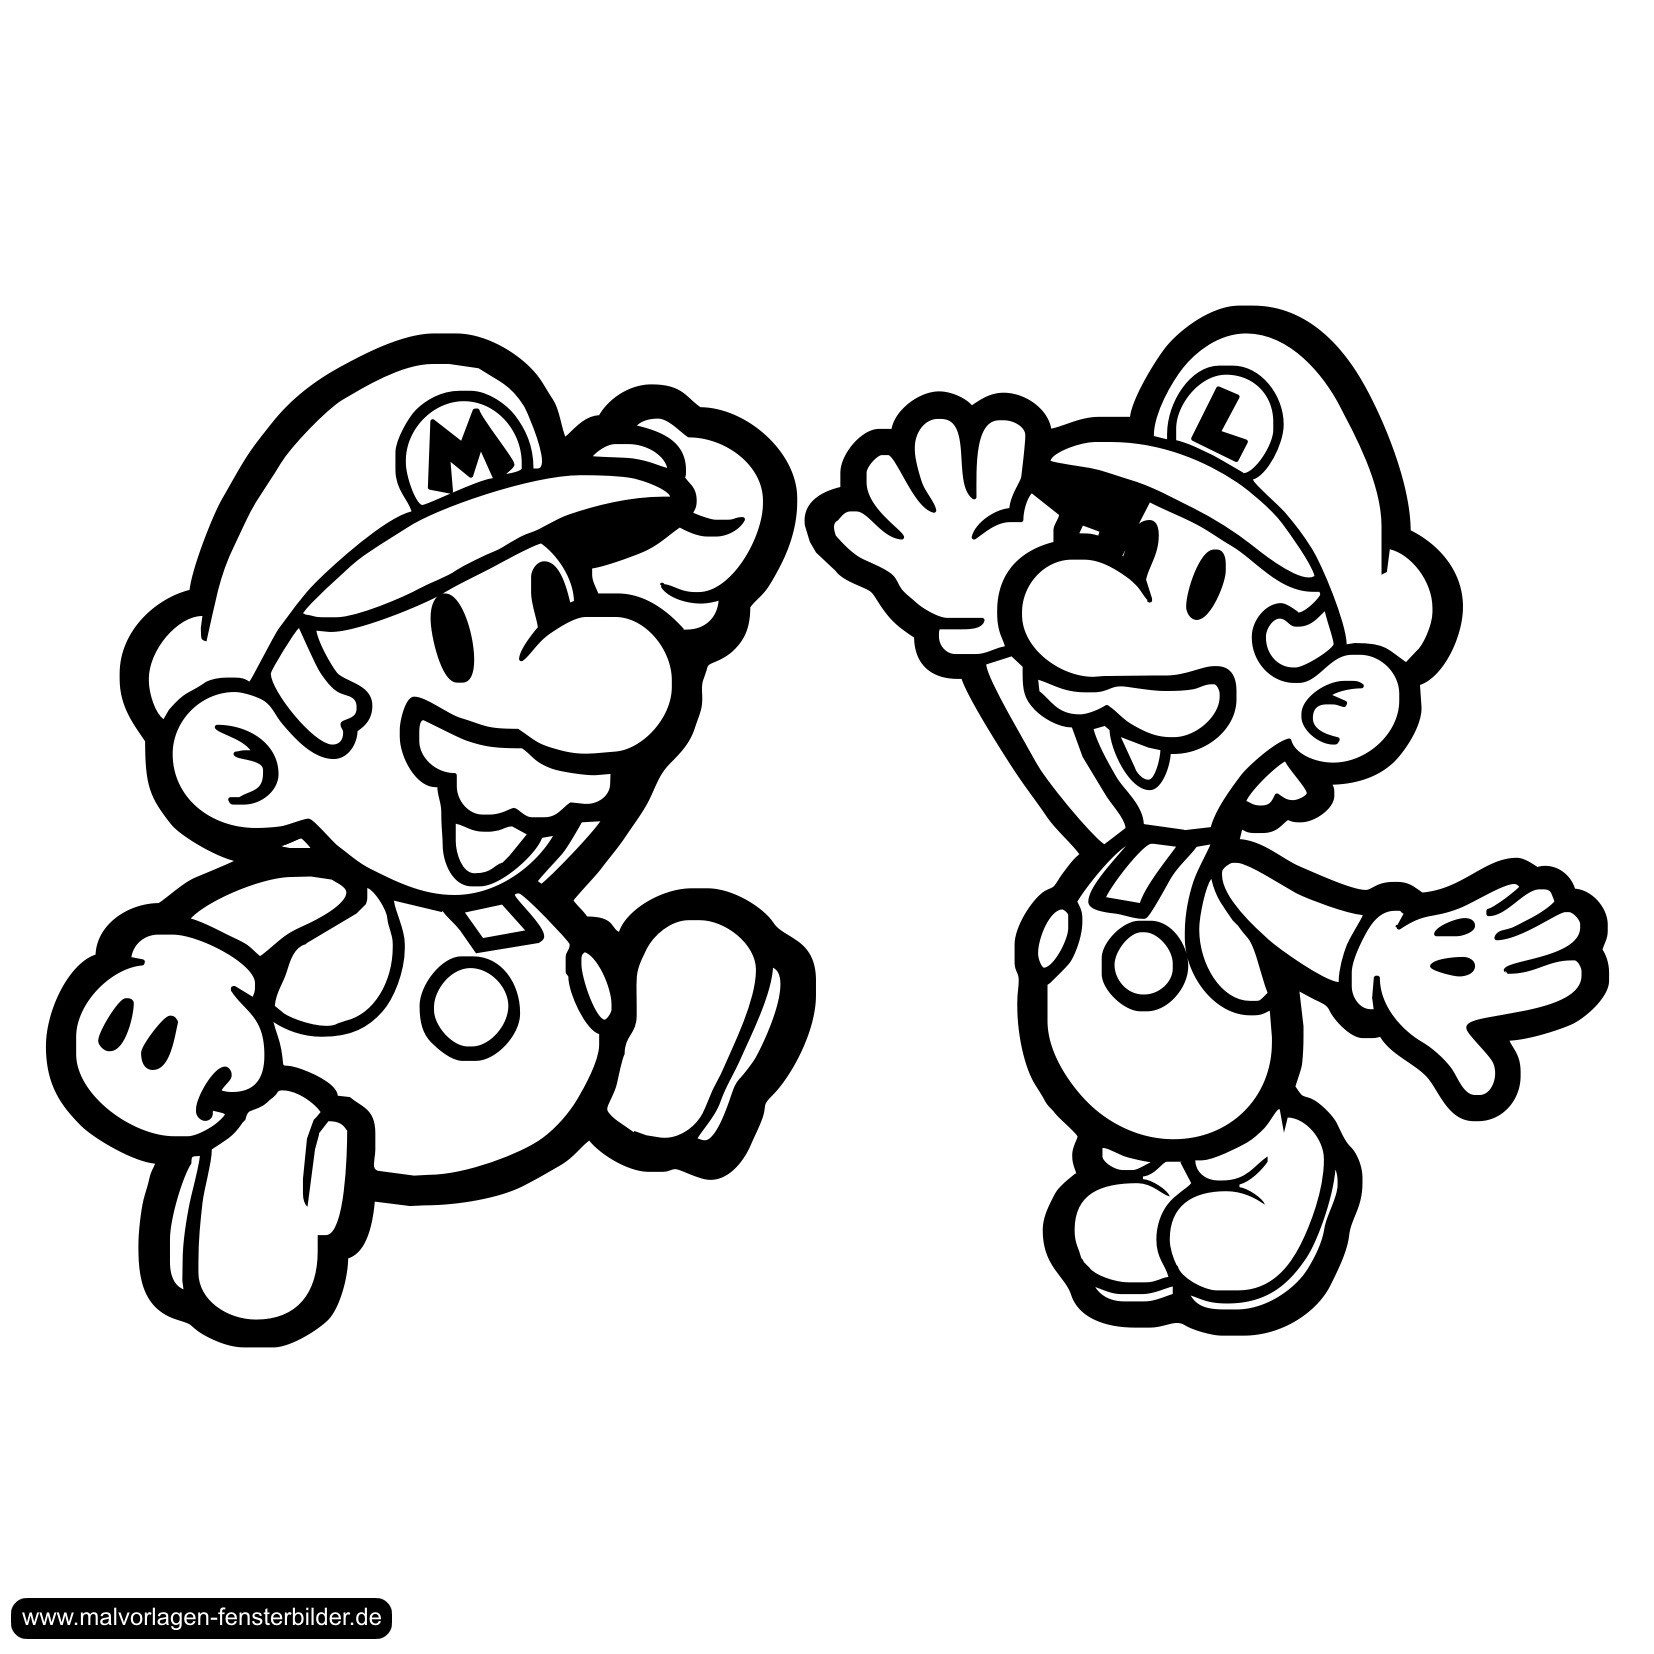 Super Mario Ausmalbilder Inspirierend Malvorlagen Super Mario Yoshi Luxus Yoshi Baby Ausmalbilder Das Bild